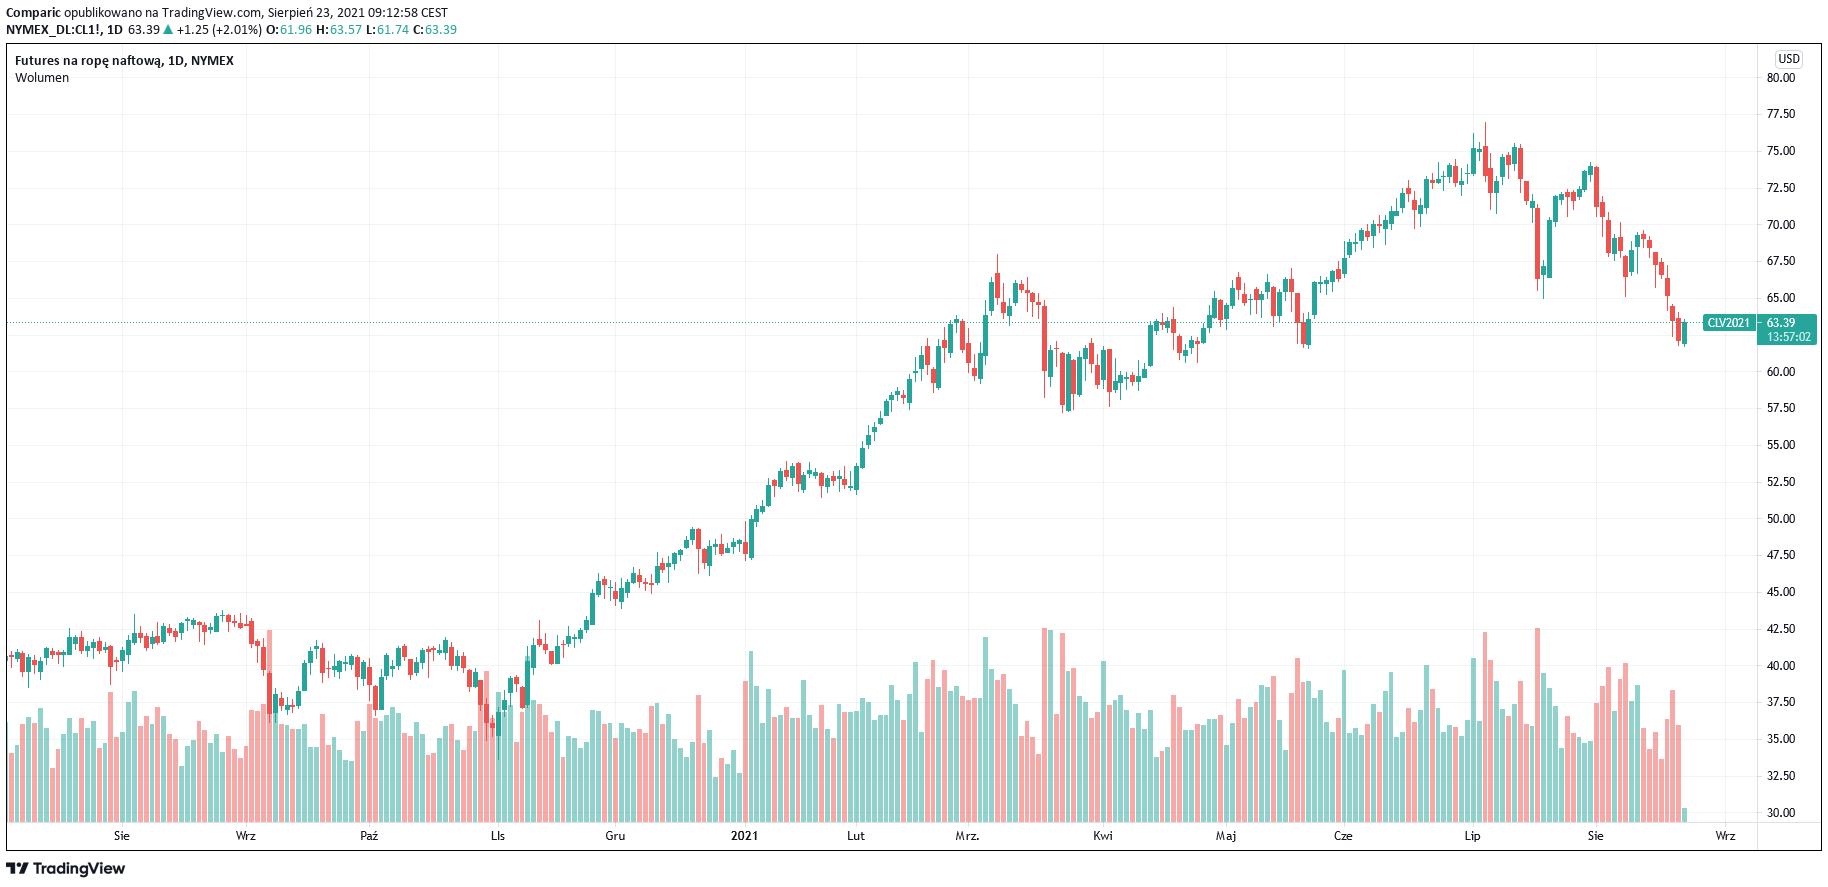 Cena ropy przerywa najdłuższą serię spadków od ponad 3 lat